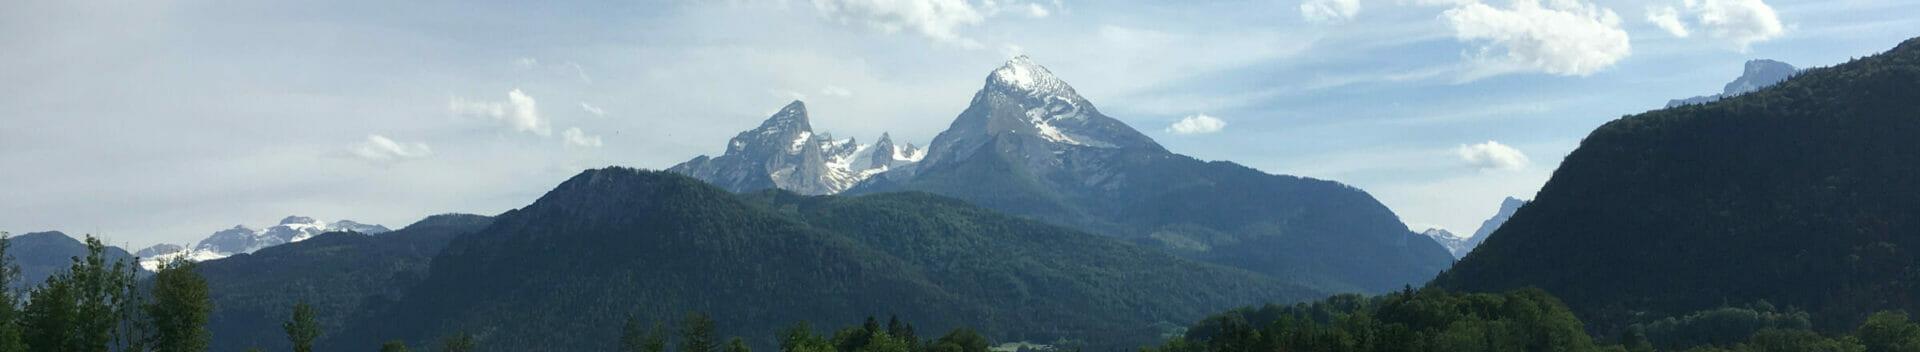 Bayrisches Alpenvorland - Blick auf den Watzmann - Fahrradregion